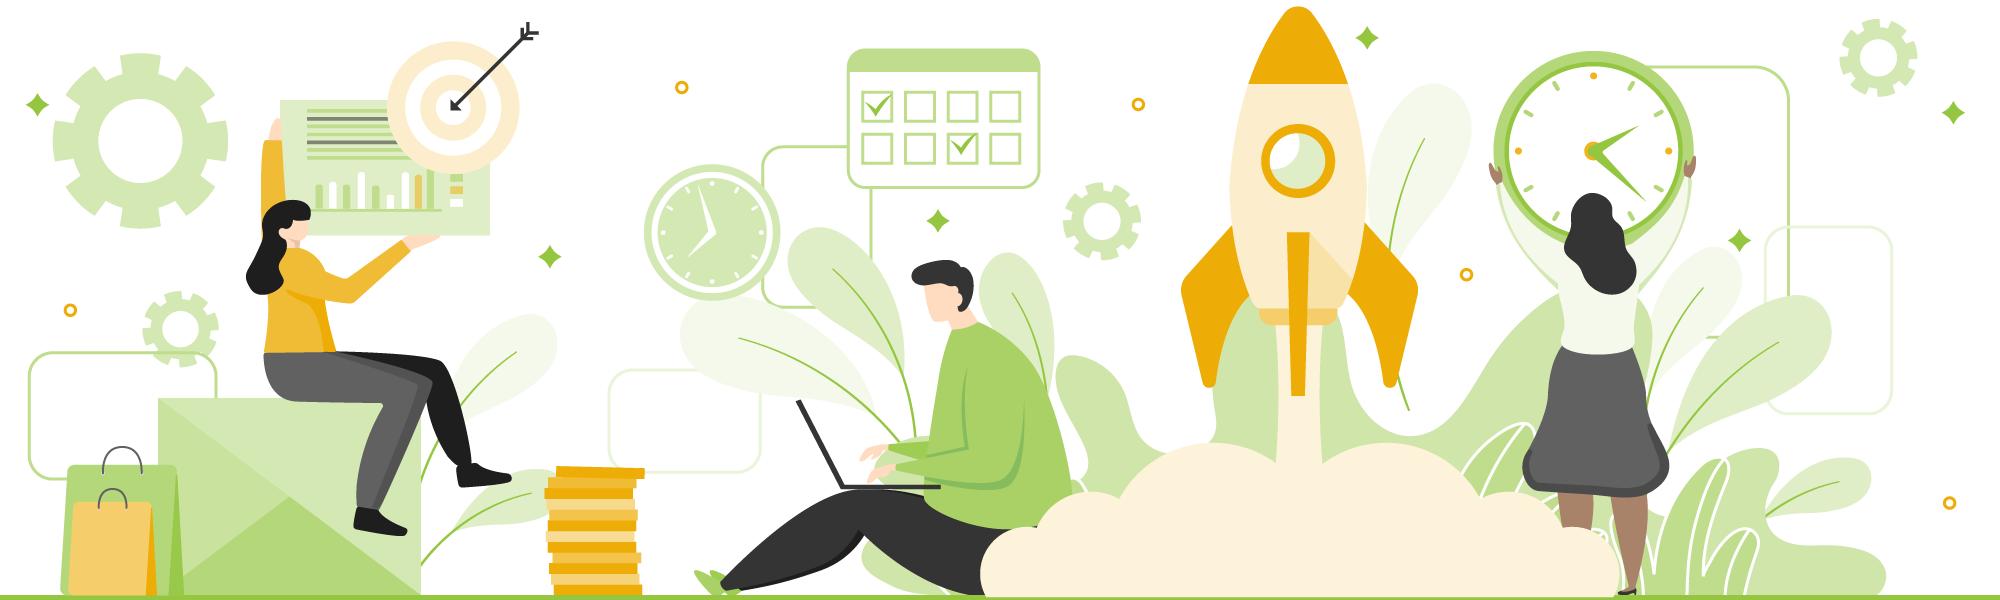 Avis Shopimind : Marketing multicanal intelligent pour E-commerçants - appvizer